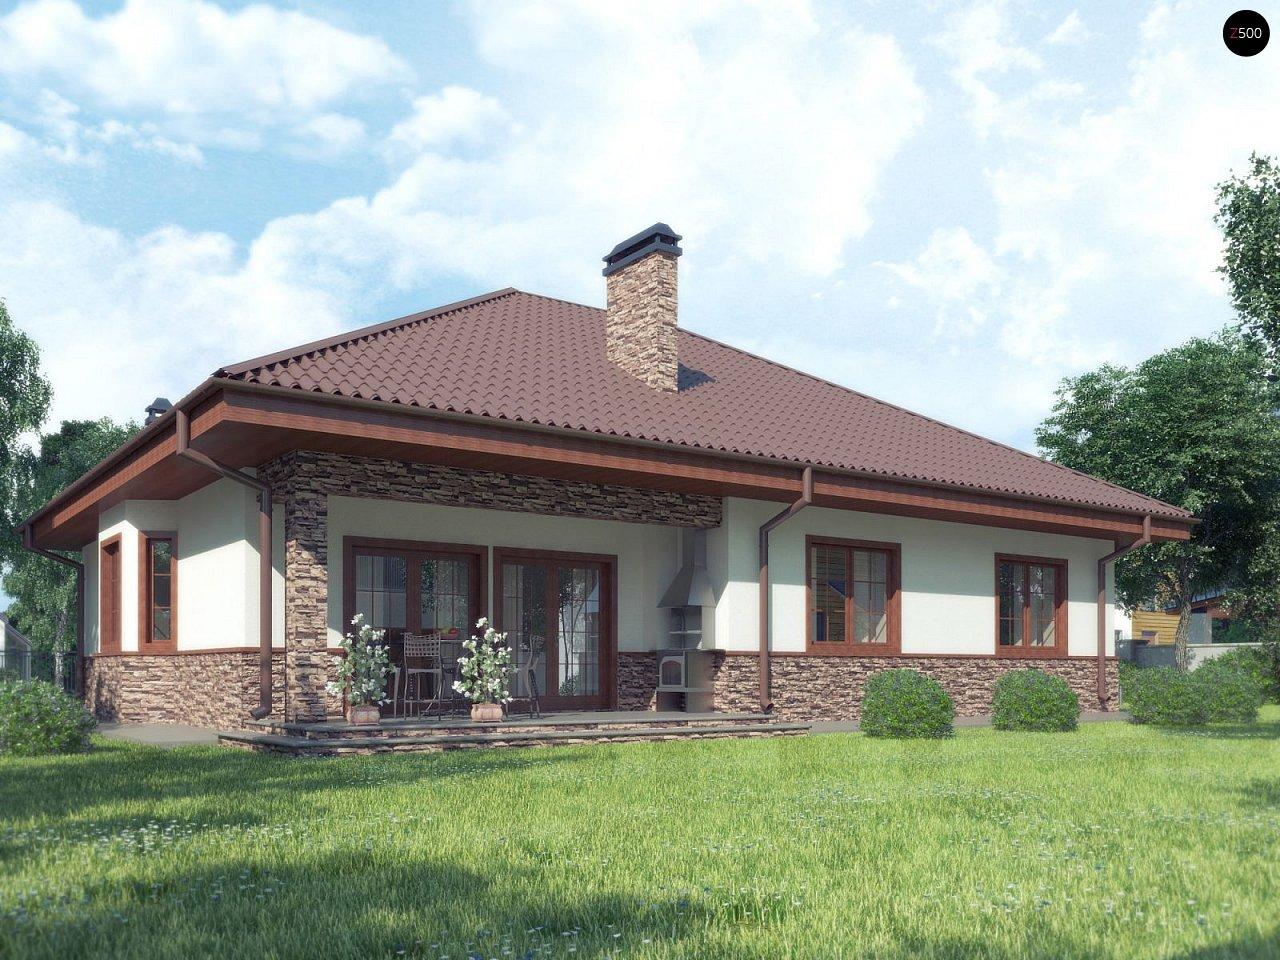 Комфортный дом с открытой мансардой в традиционном стиле (версия проекта Z10) - фото 2